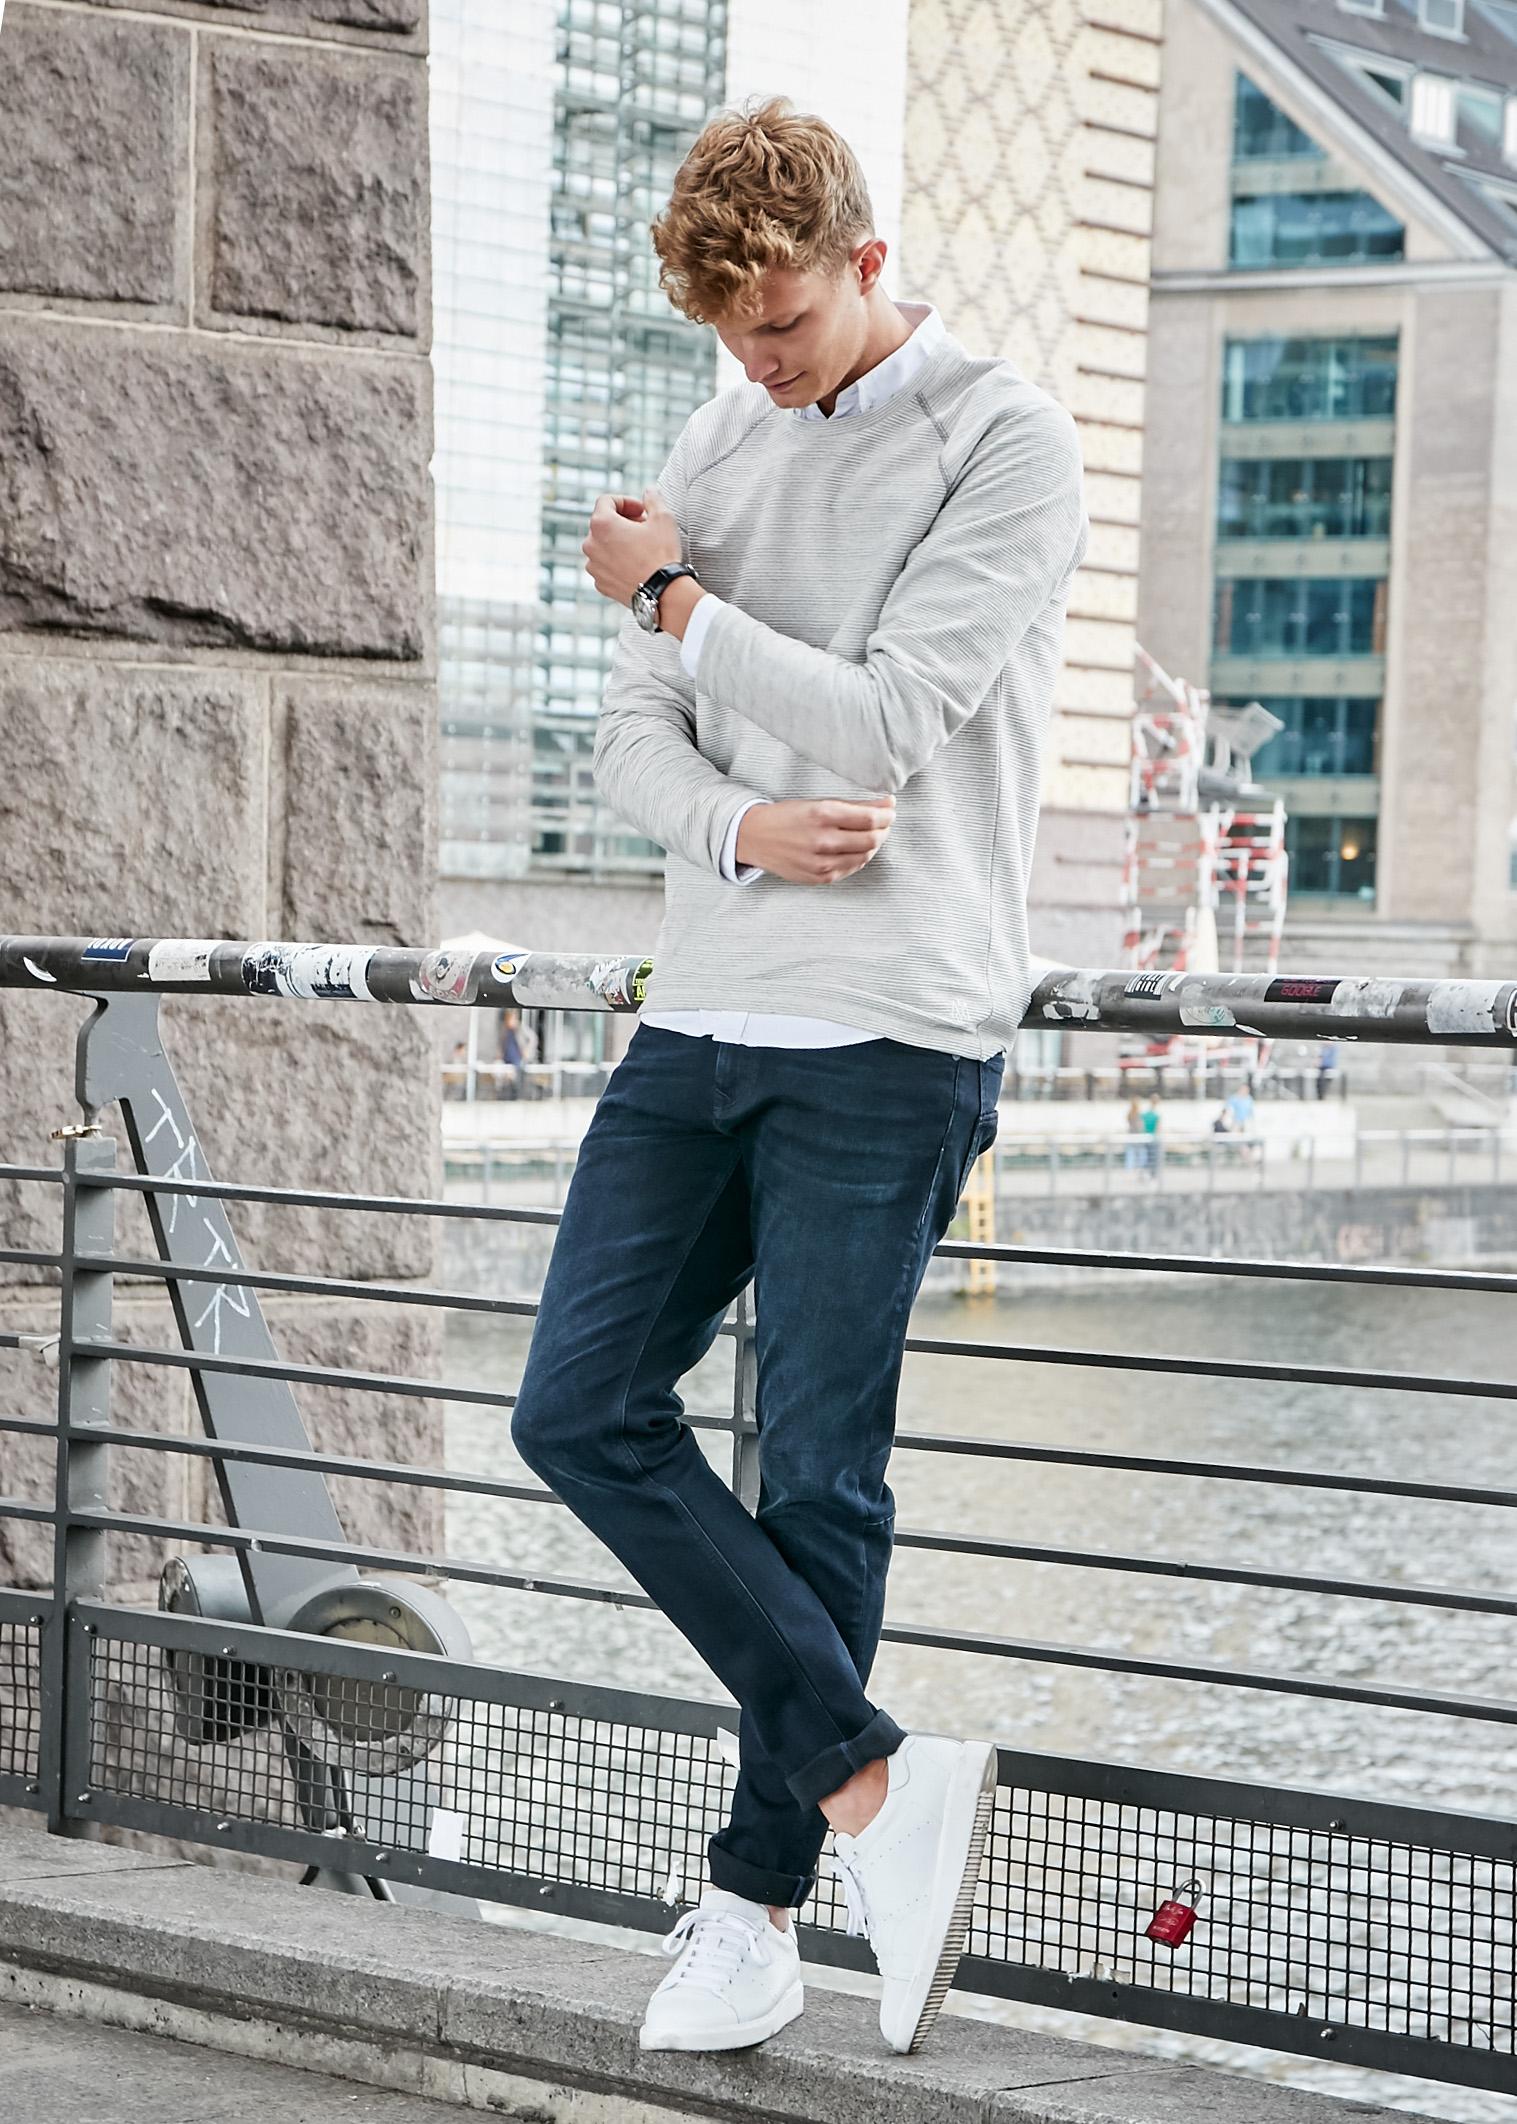 Mavi Jeans mit Patkahlo in lässiger dunkelblauen Straight leg Jeans, einem weißen Basic Hemd und einem lockeren beigen Sweater